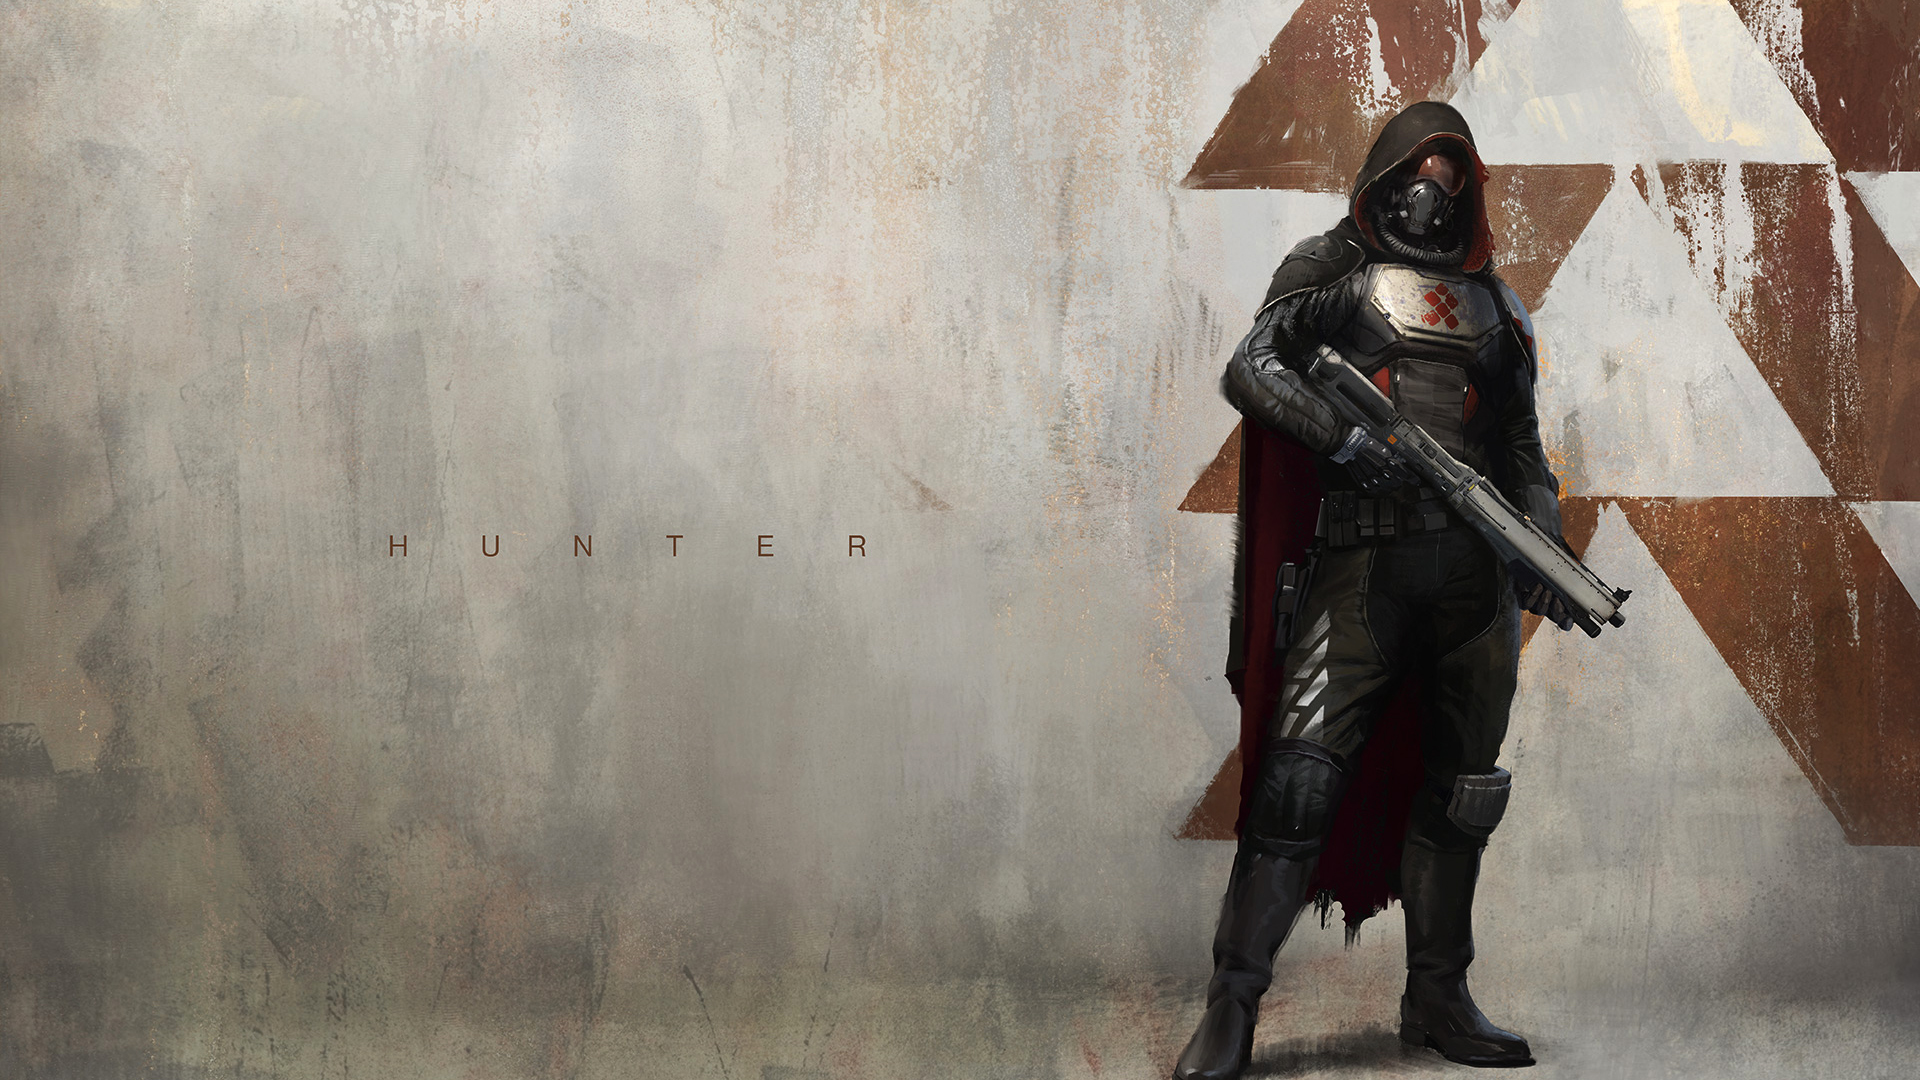 hunter destiny class wallpaper hd